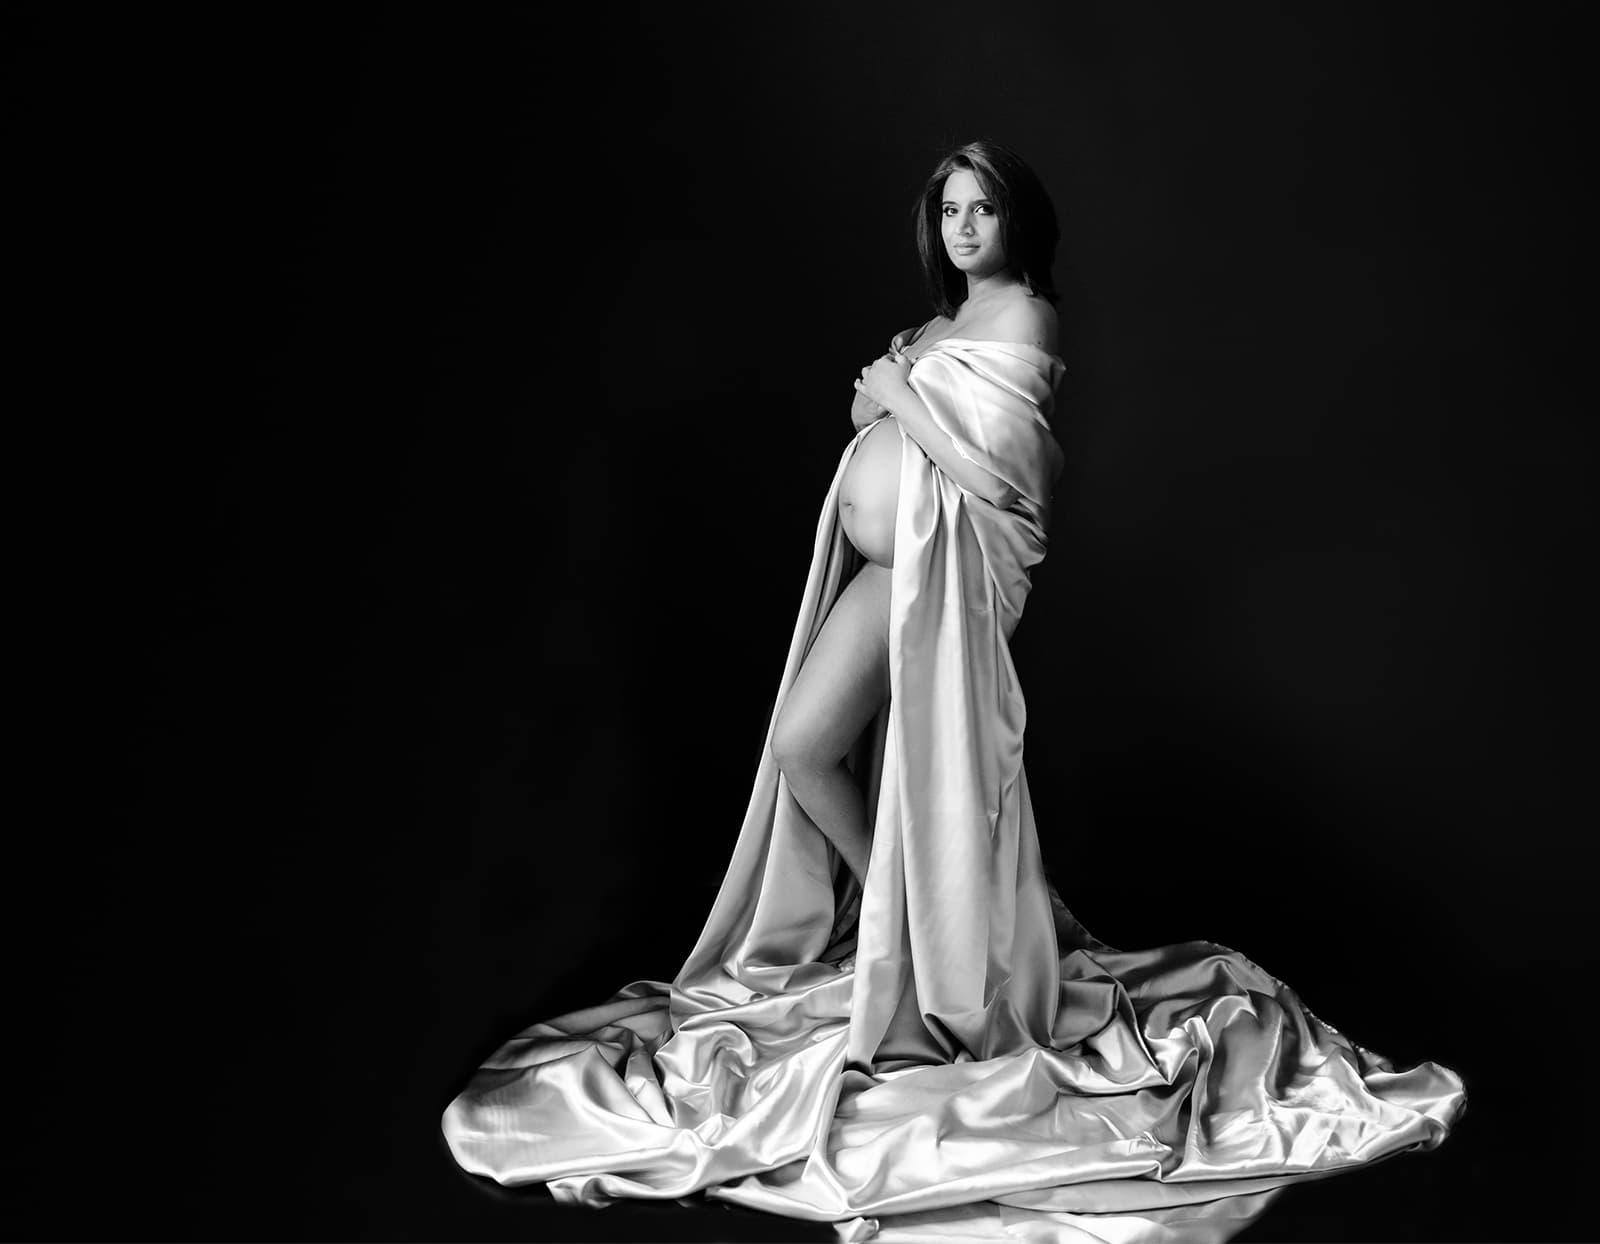 Voor jou fotoshoot beauty fotografie gemaakt door fotostudio Katinka Tromp in Rotterdam